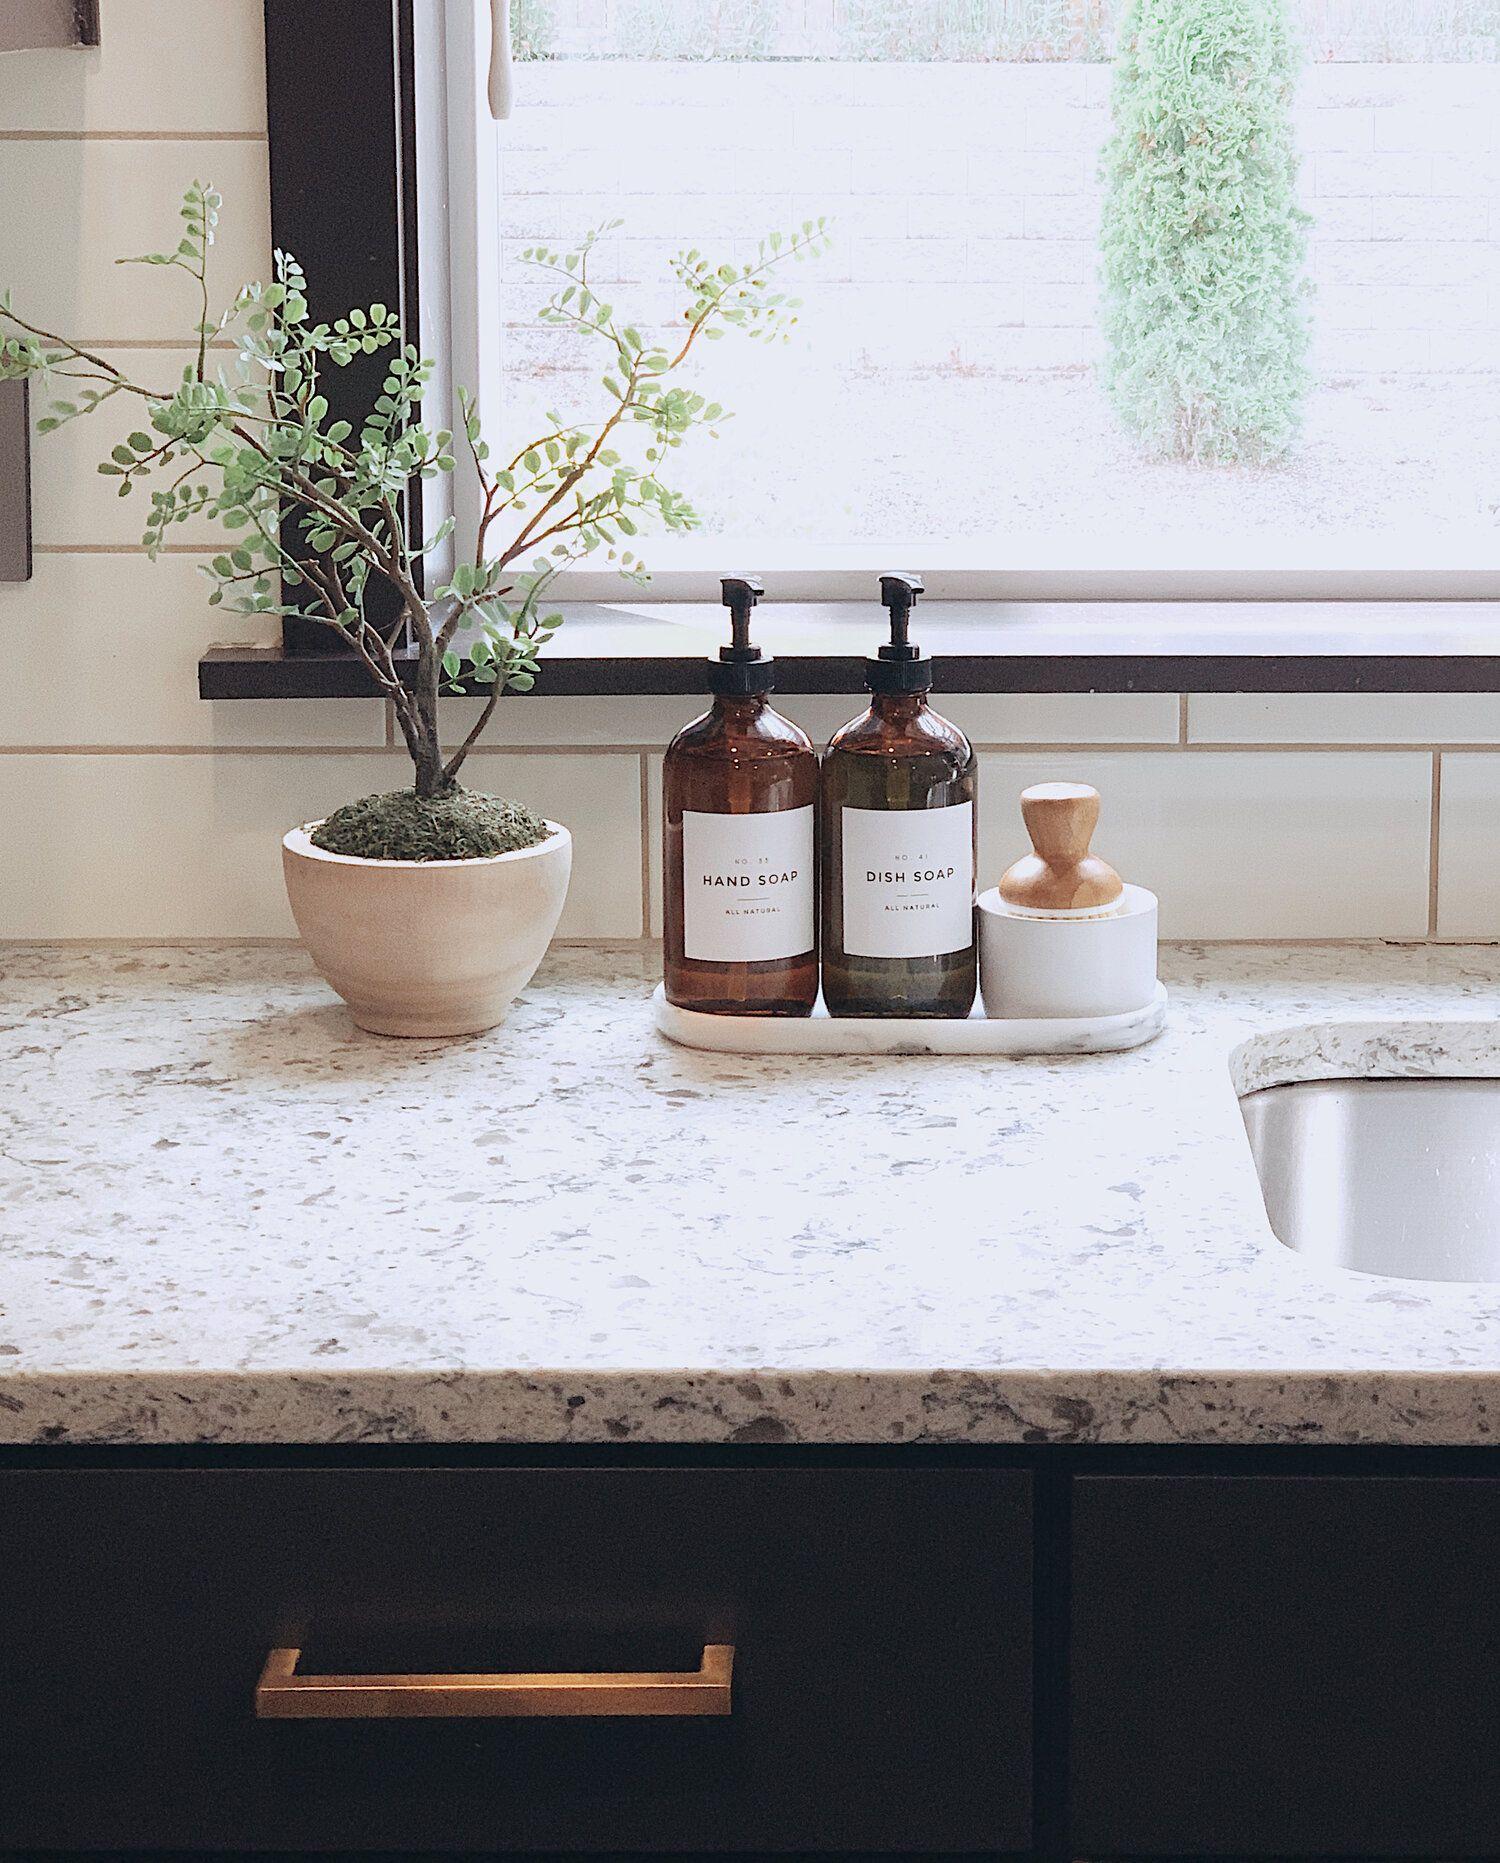 Amazon Kitchen Finds Part 2 My Kitchen Sink Shop My Tiktoks Kitchen Countertop Decor Kitchen Sink Decor Countertop Decor